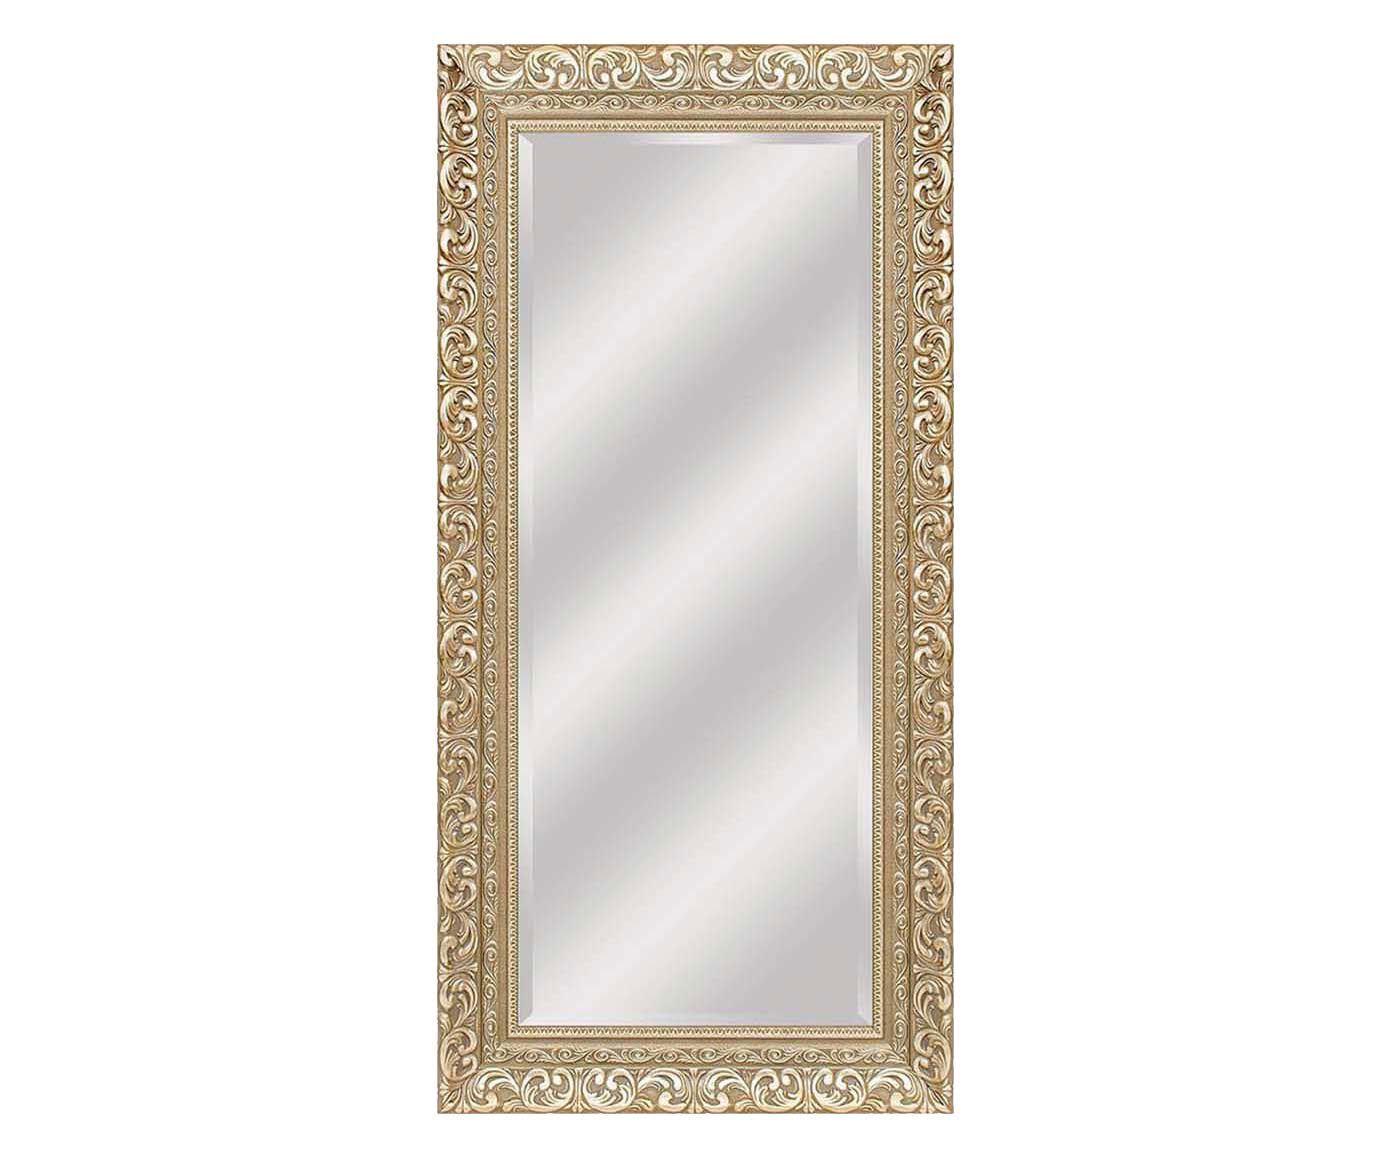 Espelho andrad lana - 85x175cm   Westwing.com.br